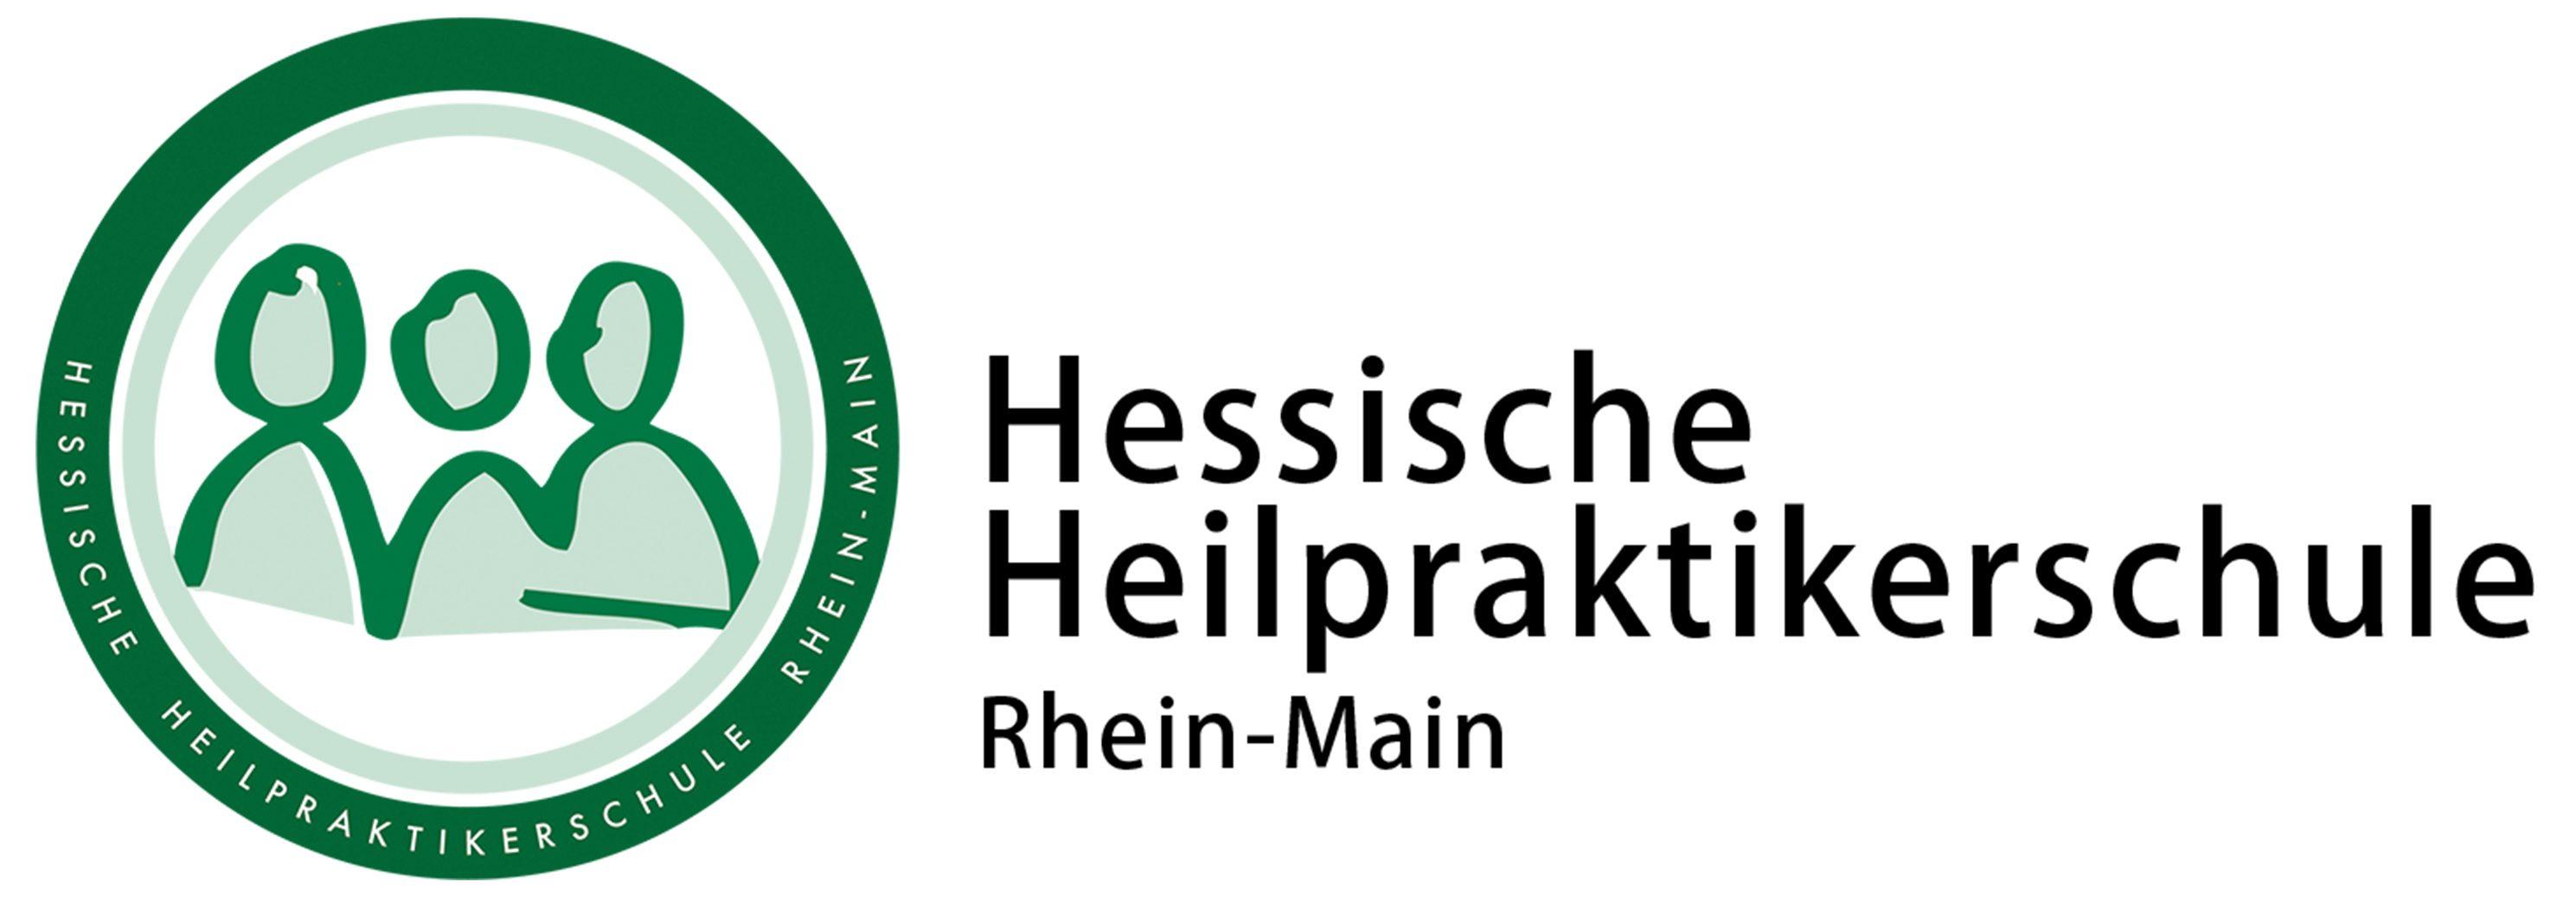 Hessische Heilpraktikerschule Rhein-Main